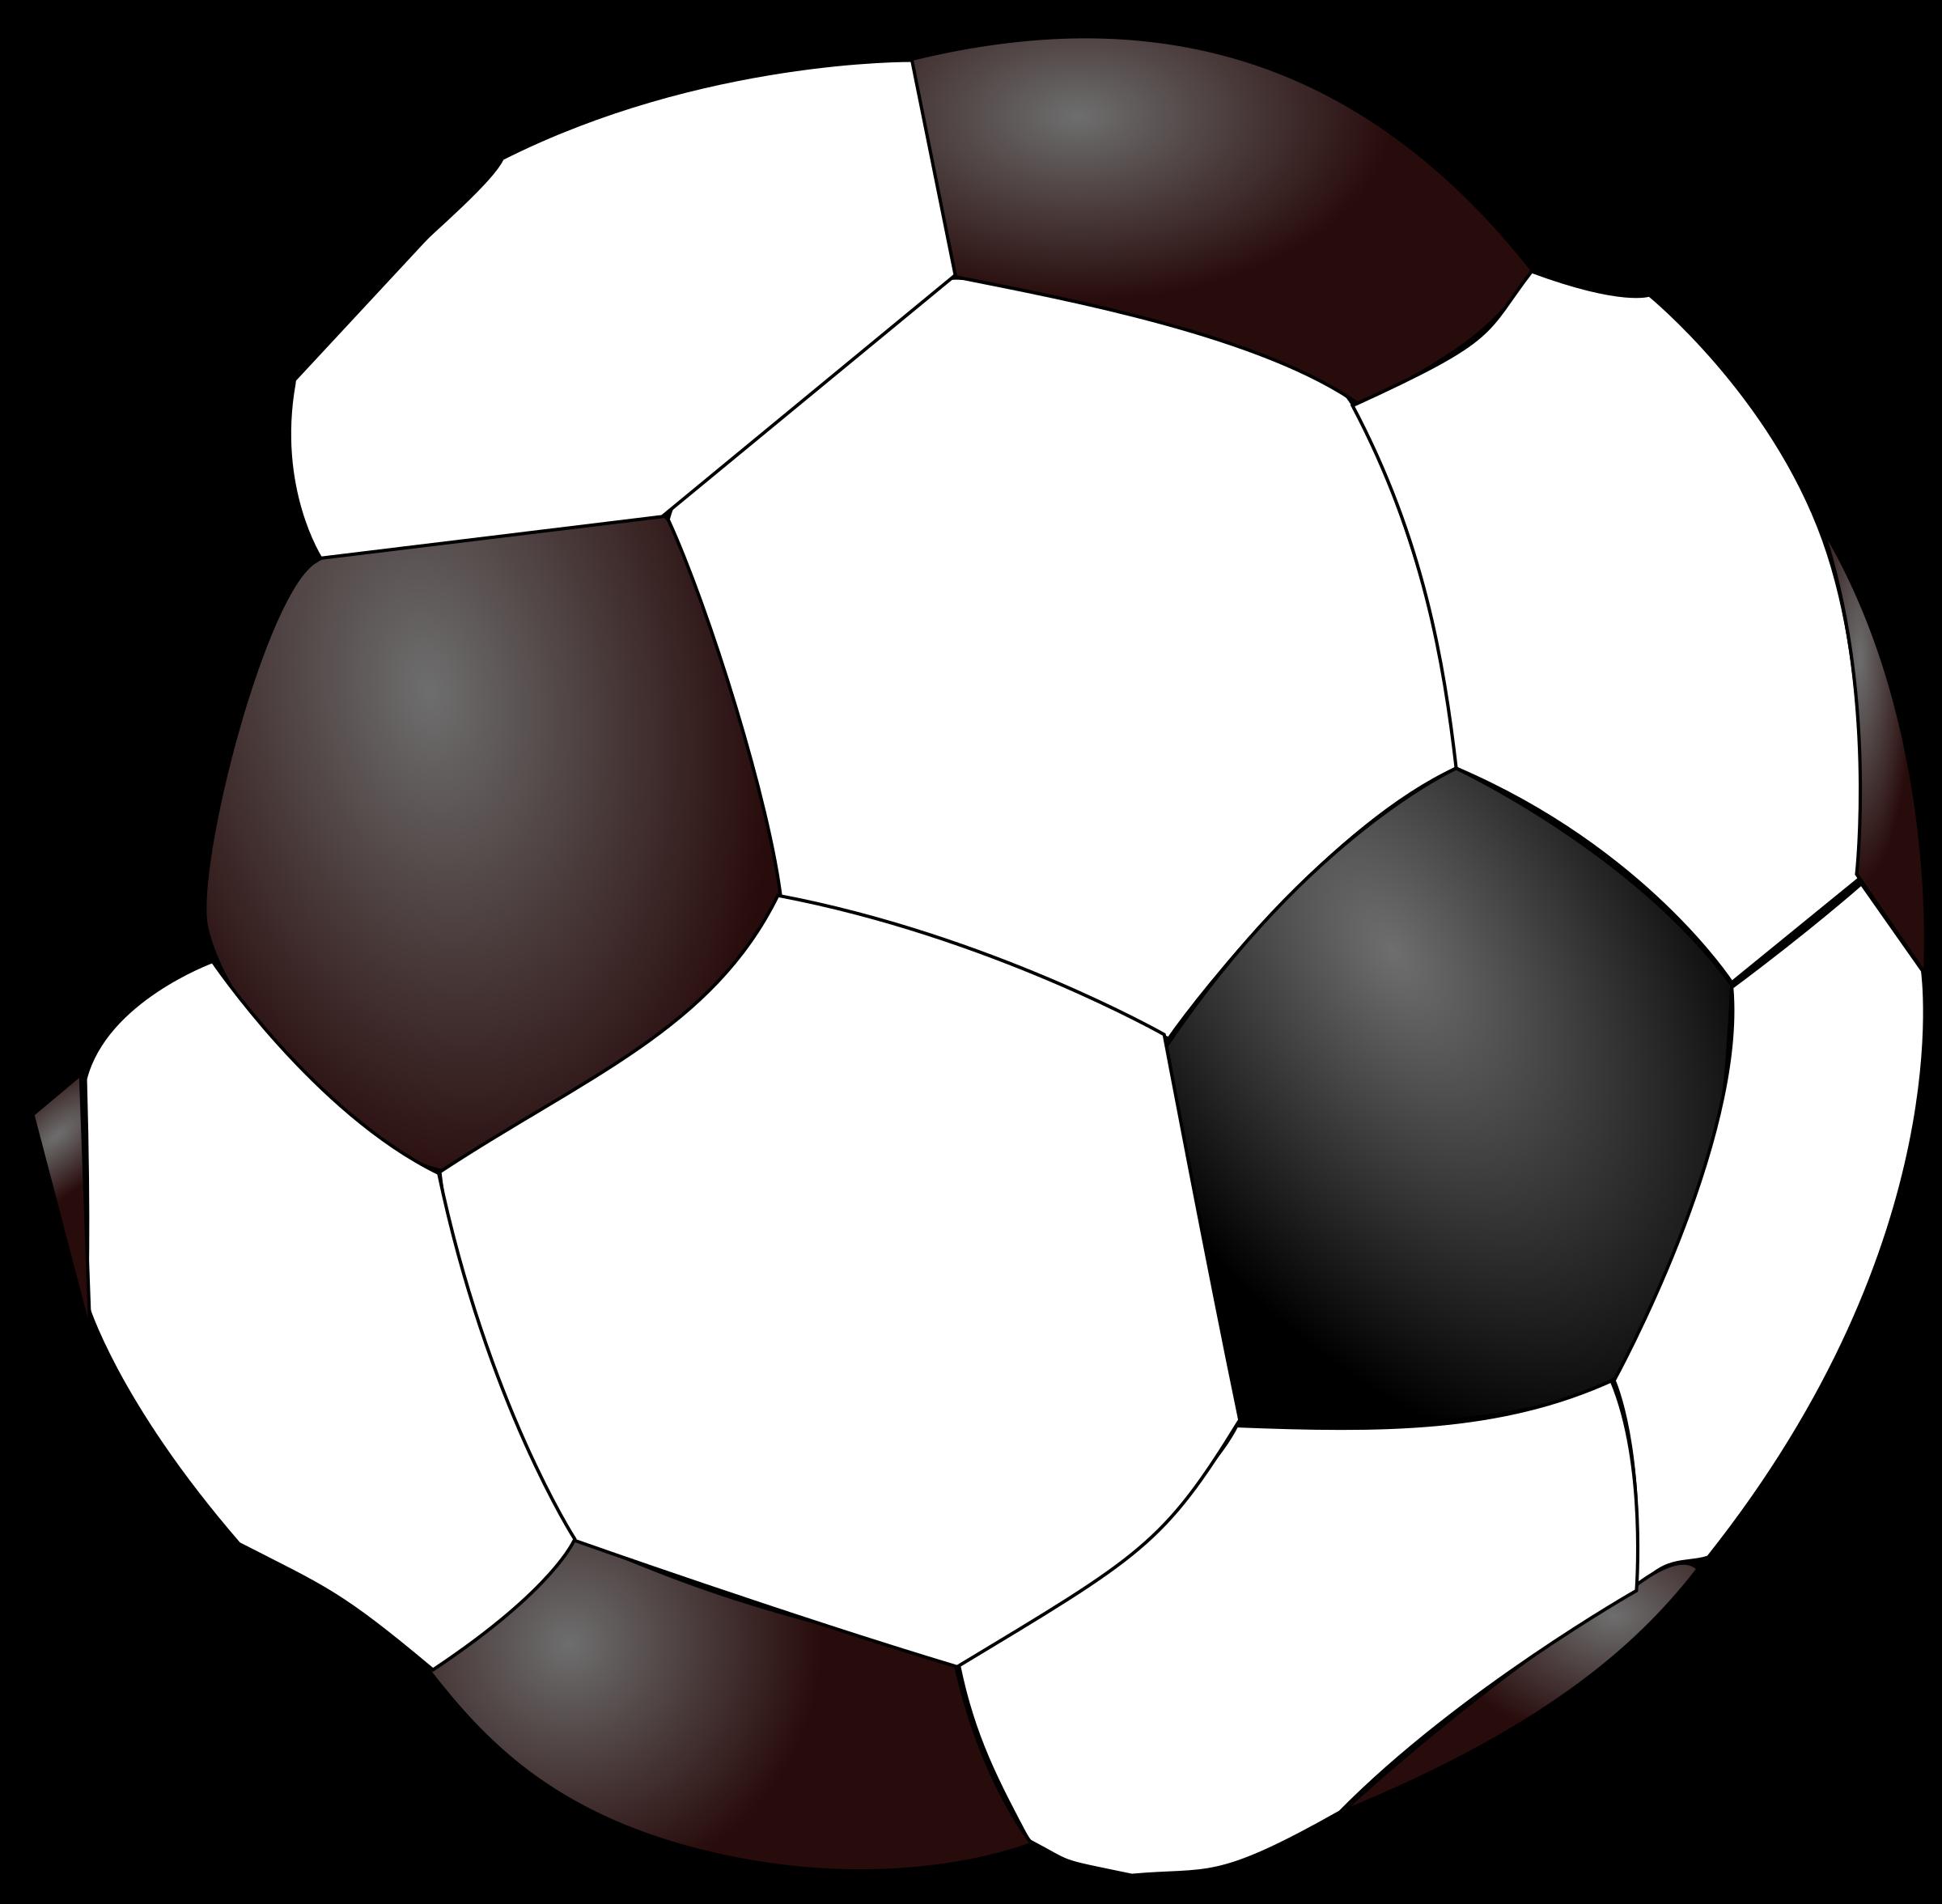 Clipart football banquet. Soccer ball sport sports